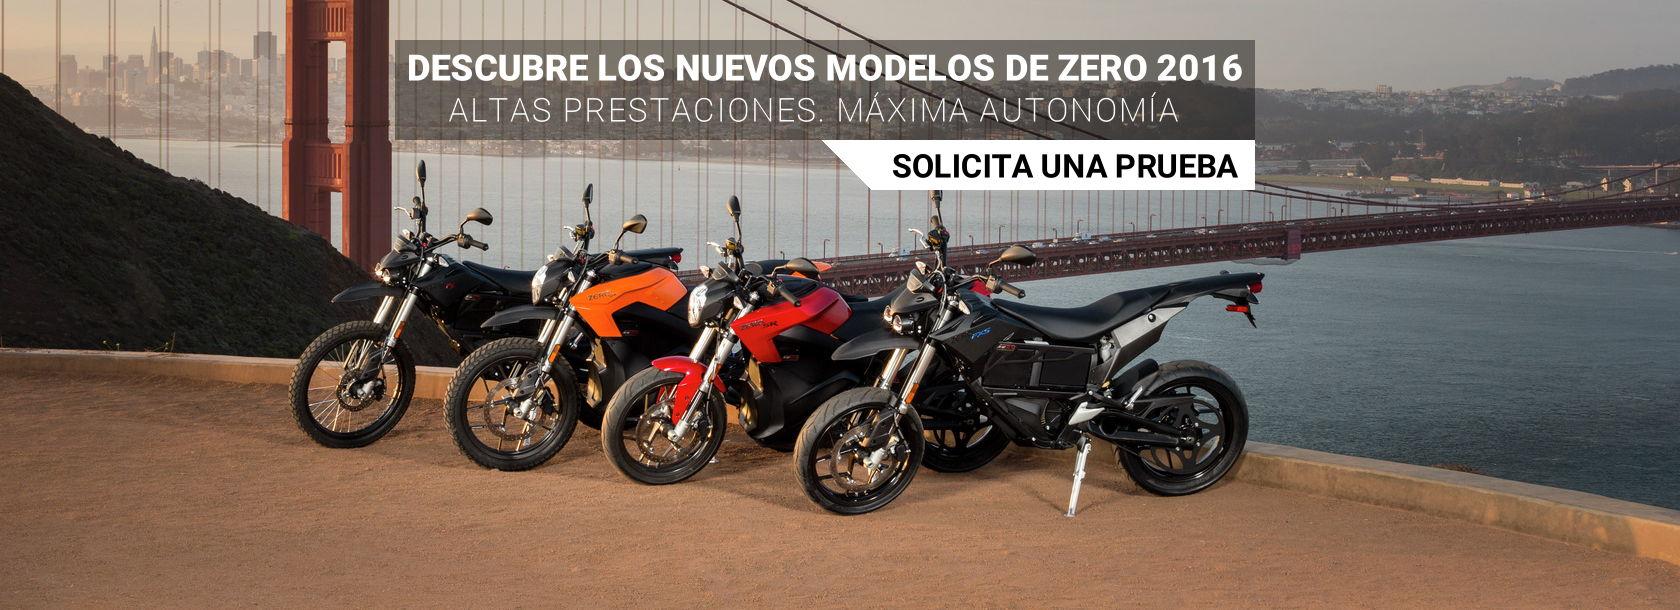 Modelos-ZERO-2016